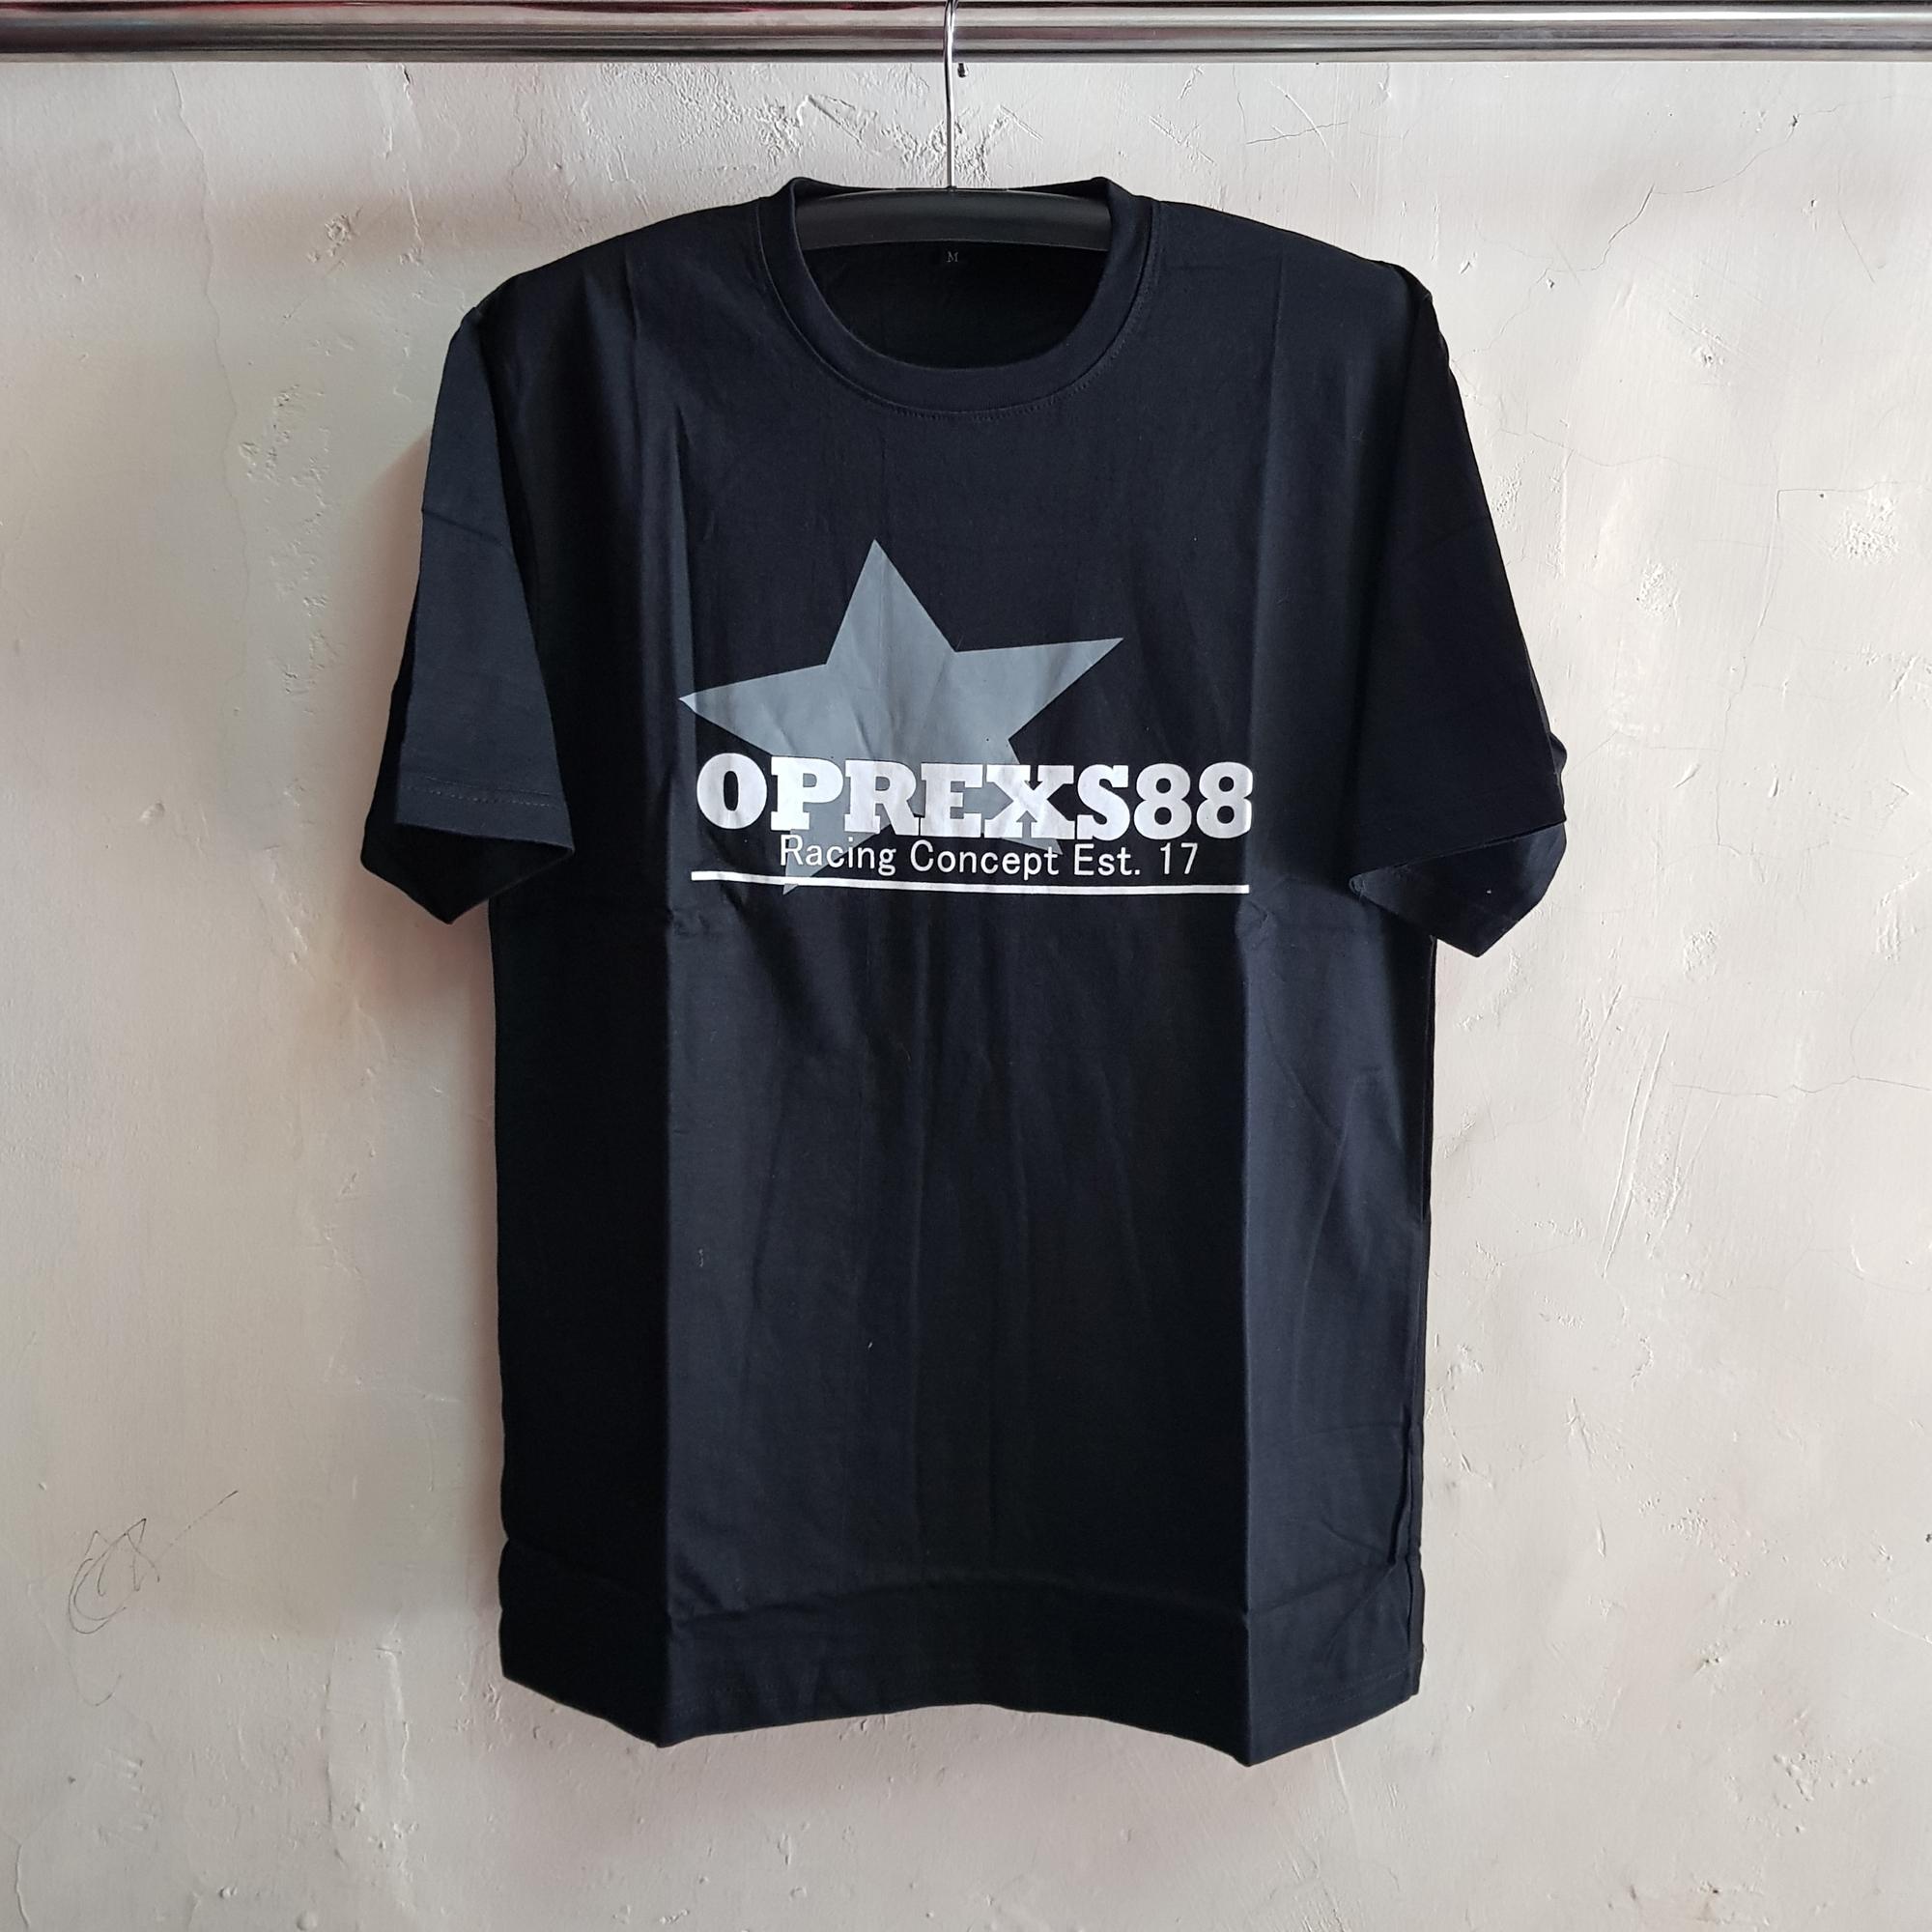 Seragam Kaos Oprexs88 Racing Concept